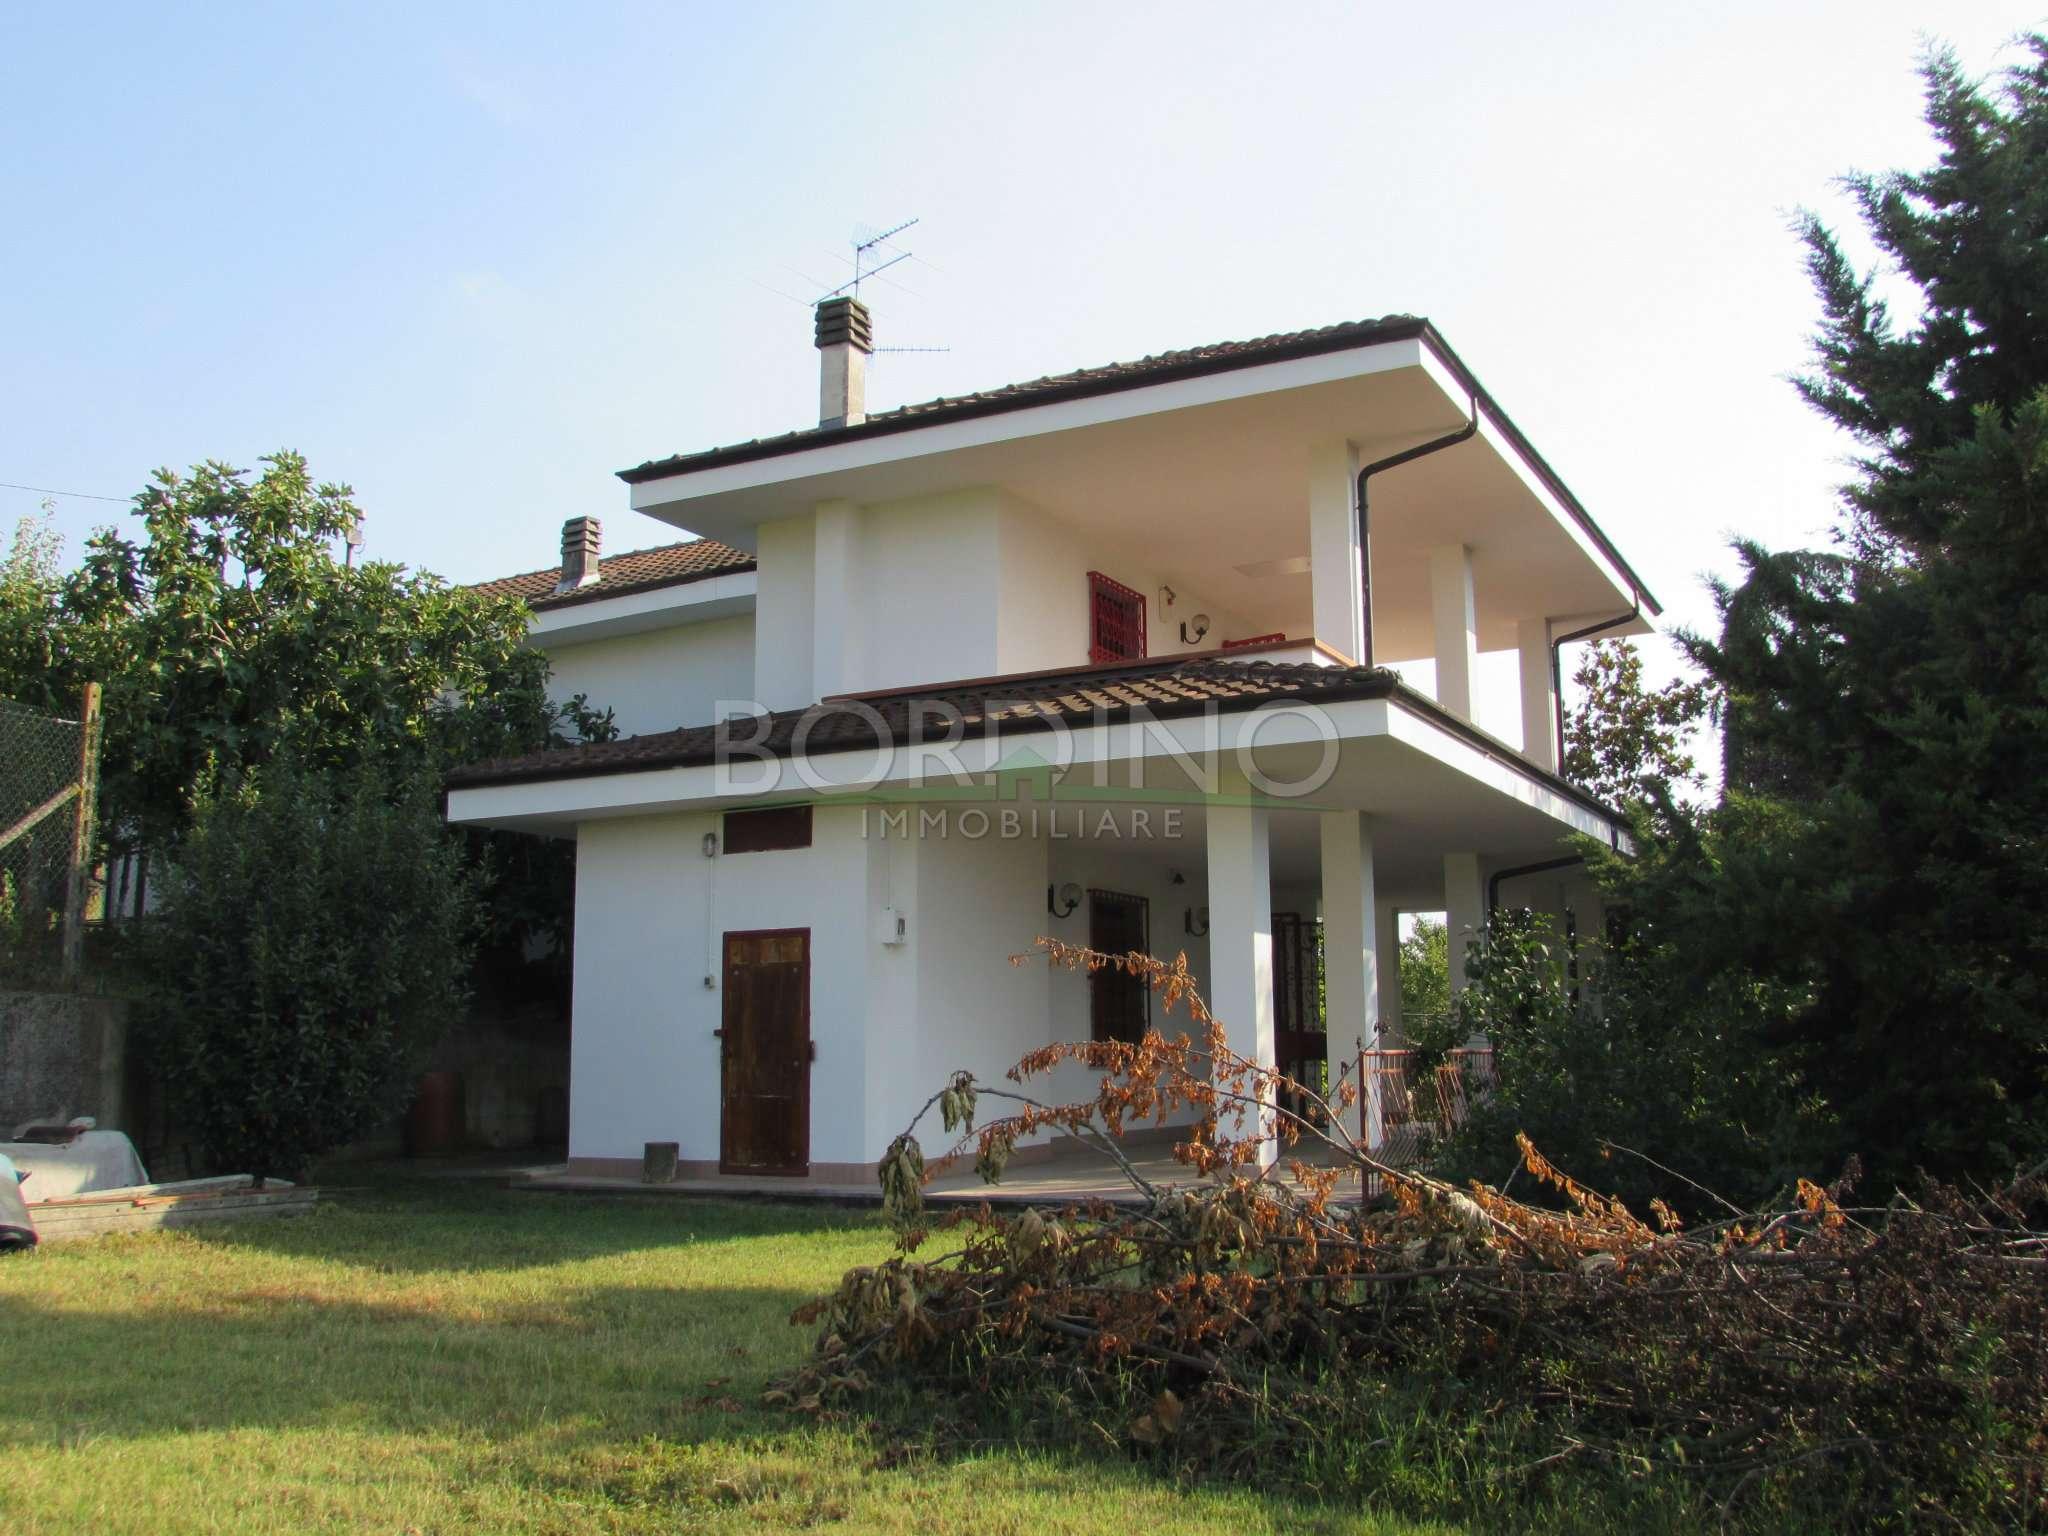 Villa in vendita a Priocca, 6 locali, prezzo € 265.000 | CambioCasa.it